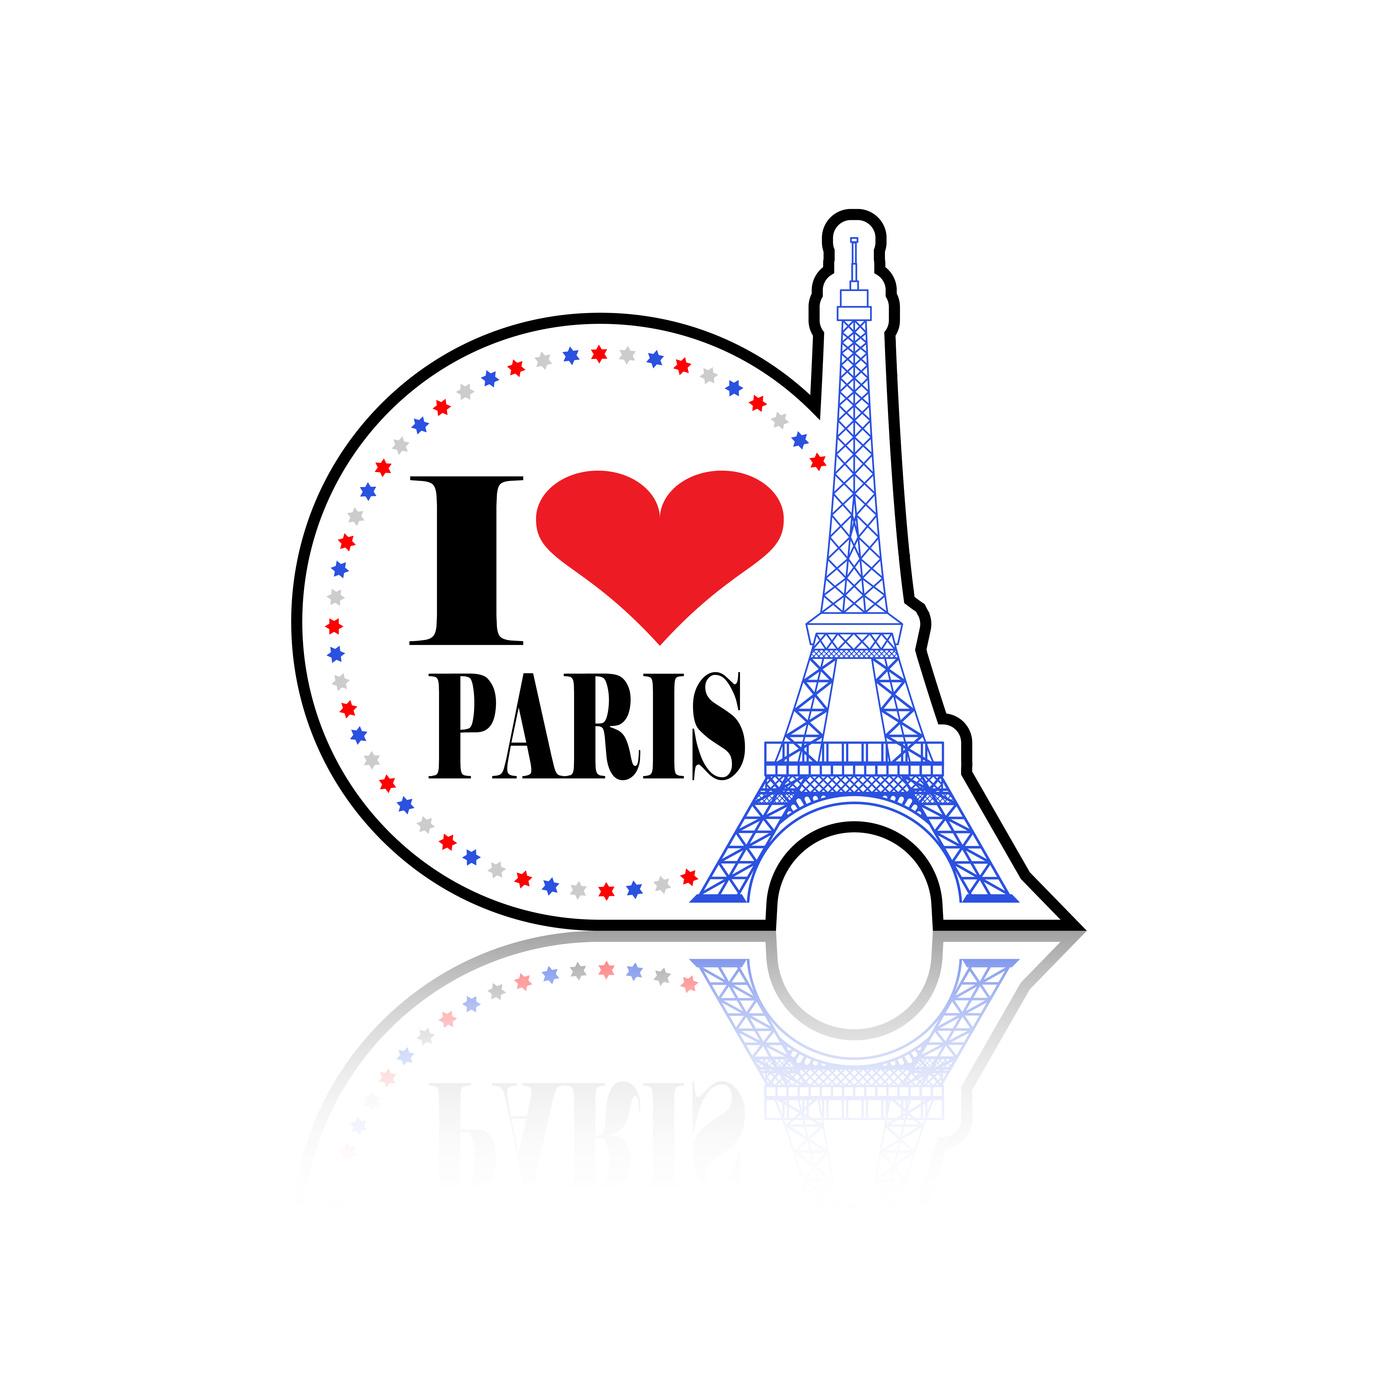 フランス旅行で絶対にはずせない名所は?~エッフェル塔に登りたい